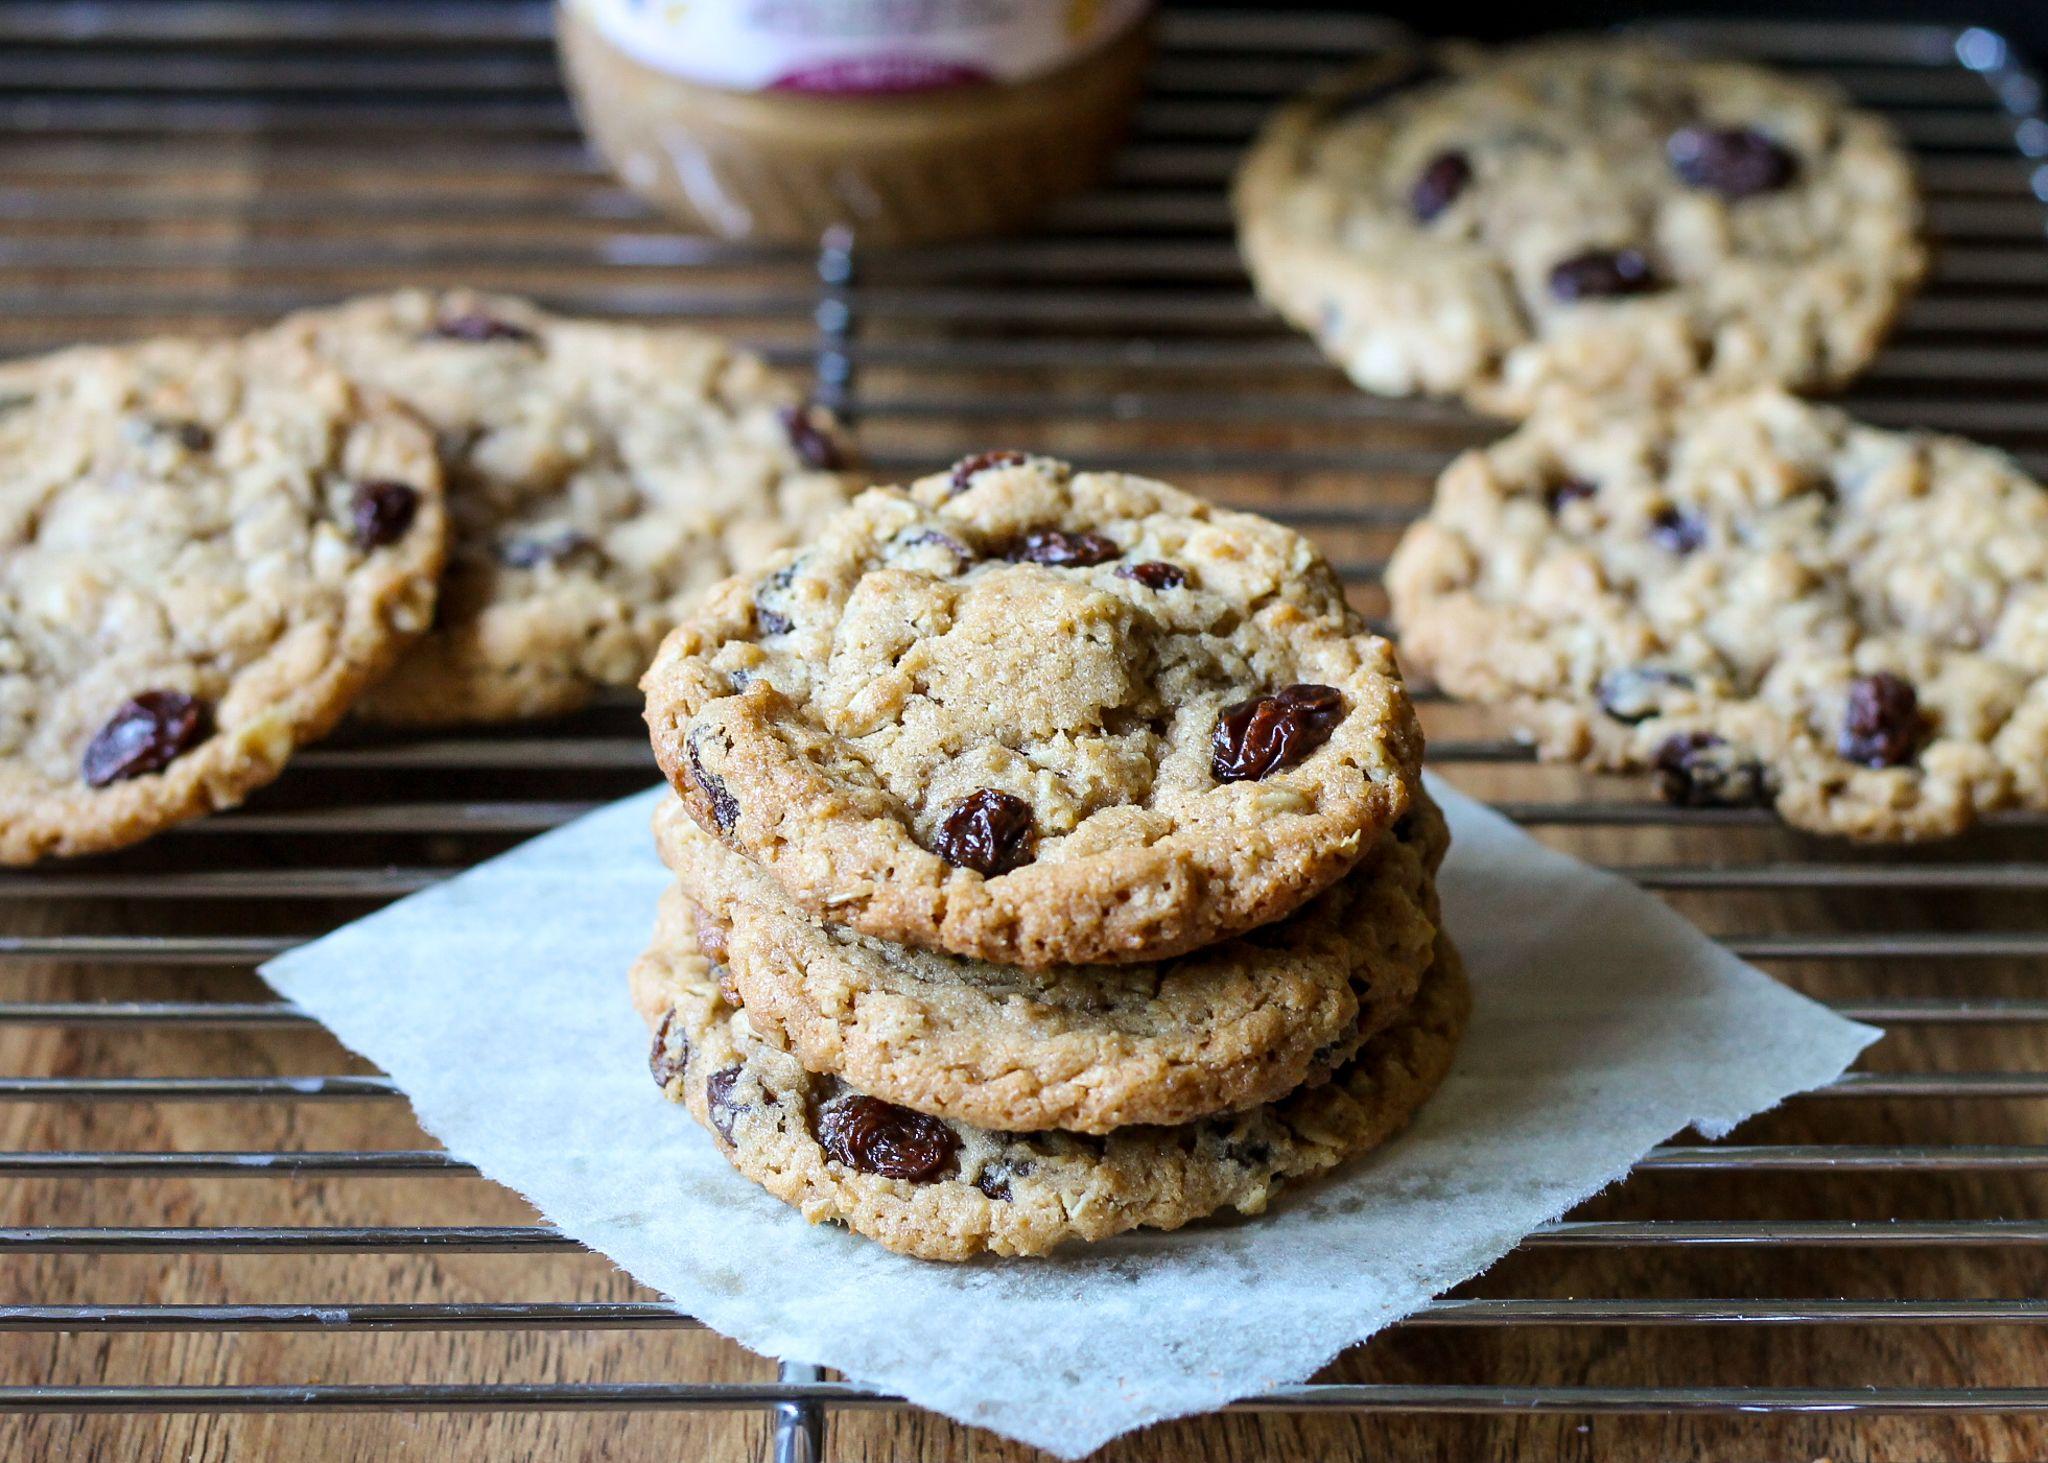 Cinnamon Raisin Peanut Butter Oatmeal Cookies | Recipe from Bakerita.com